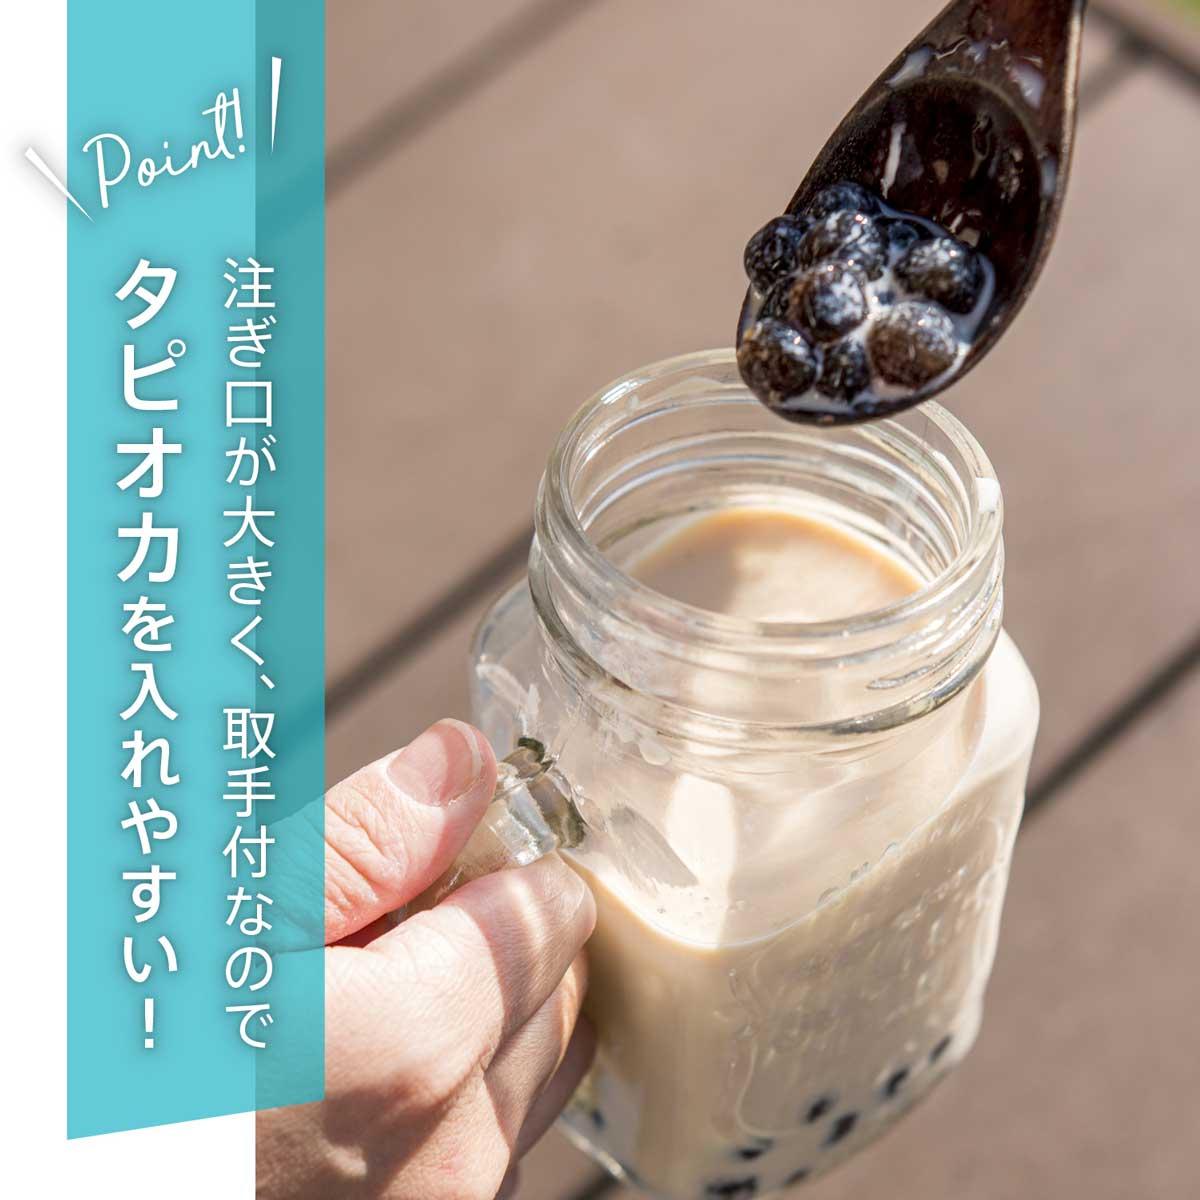 耐熱ソーダガラス製のタピオカ専用のドリンクボトルが新発売!5色のストロー付属で、おしゃれパーティに最適! tapioca_drink_bottle_glass_img_02